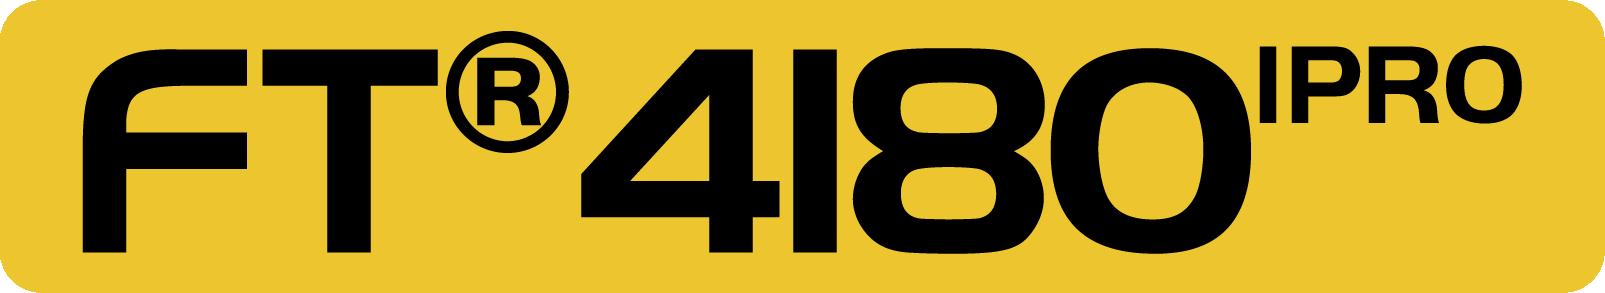 FTR 4180 IPRO